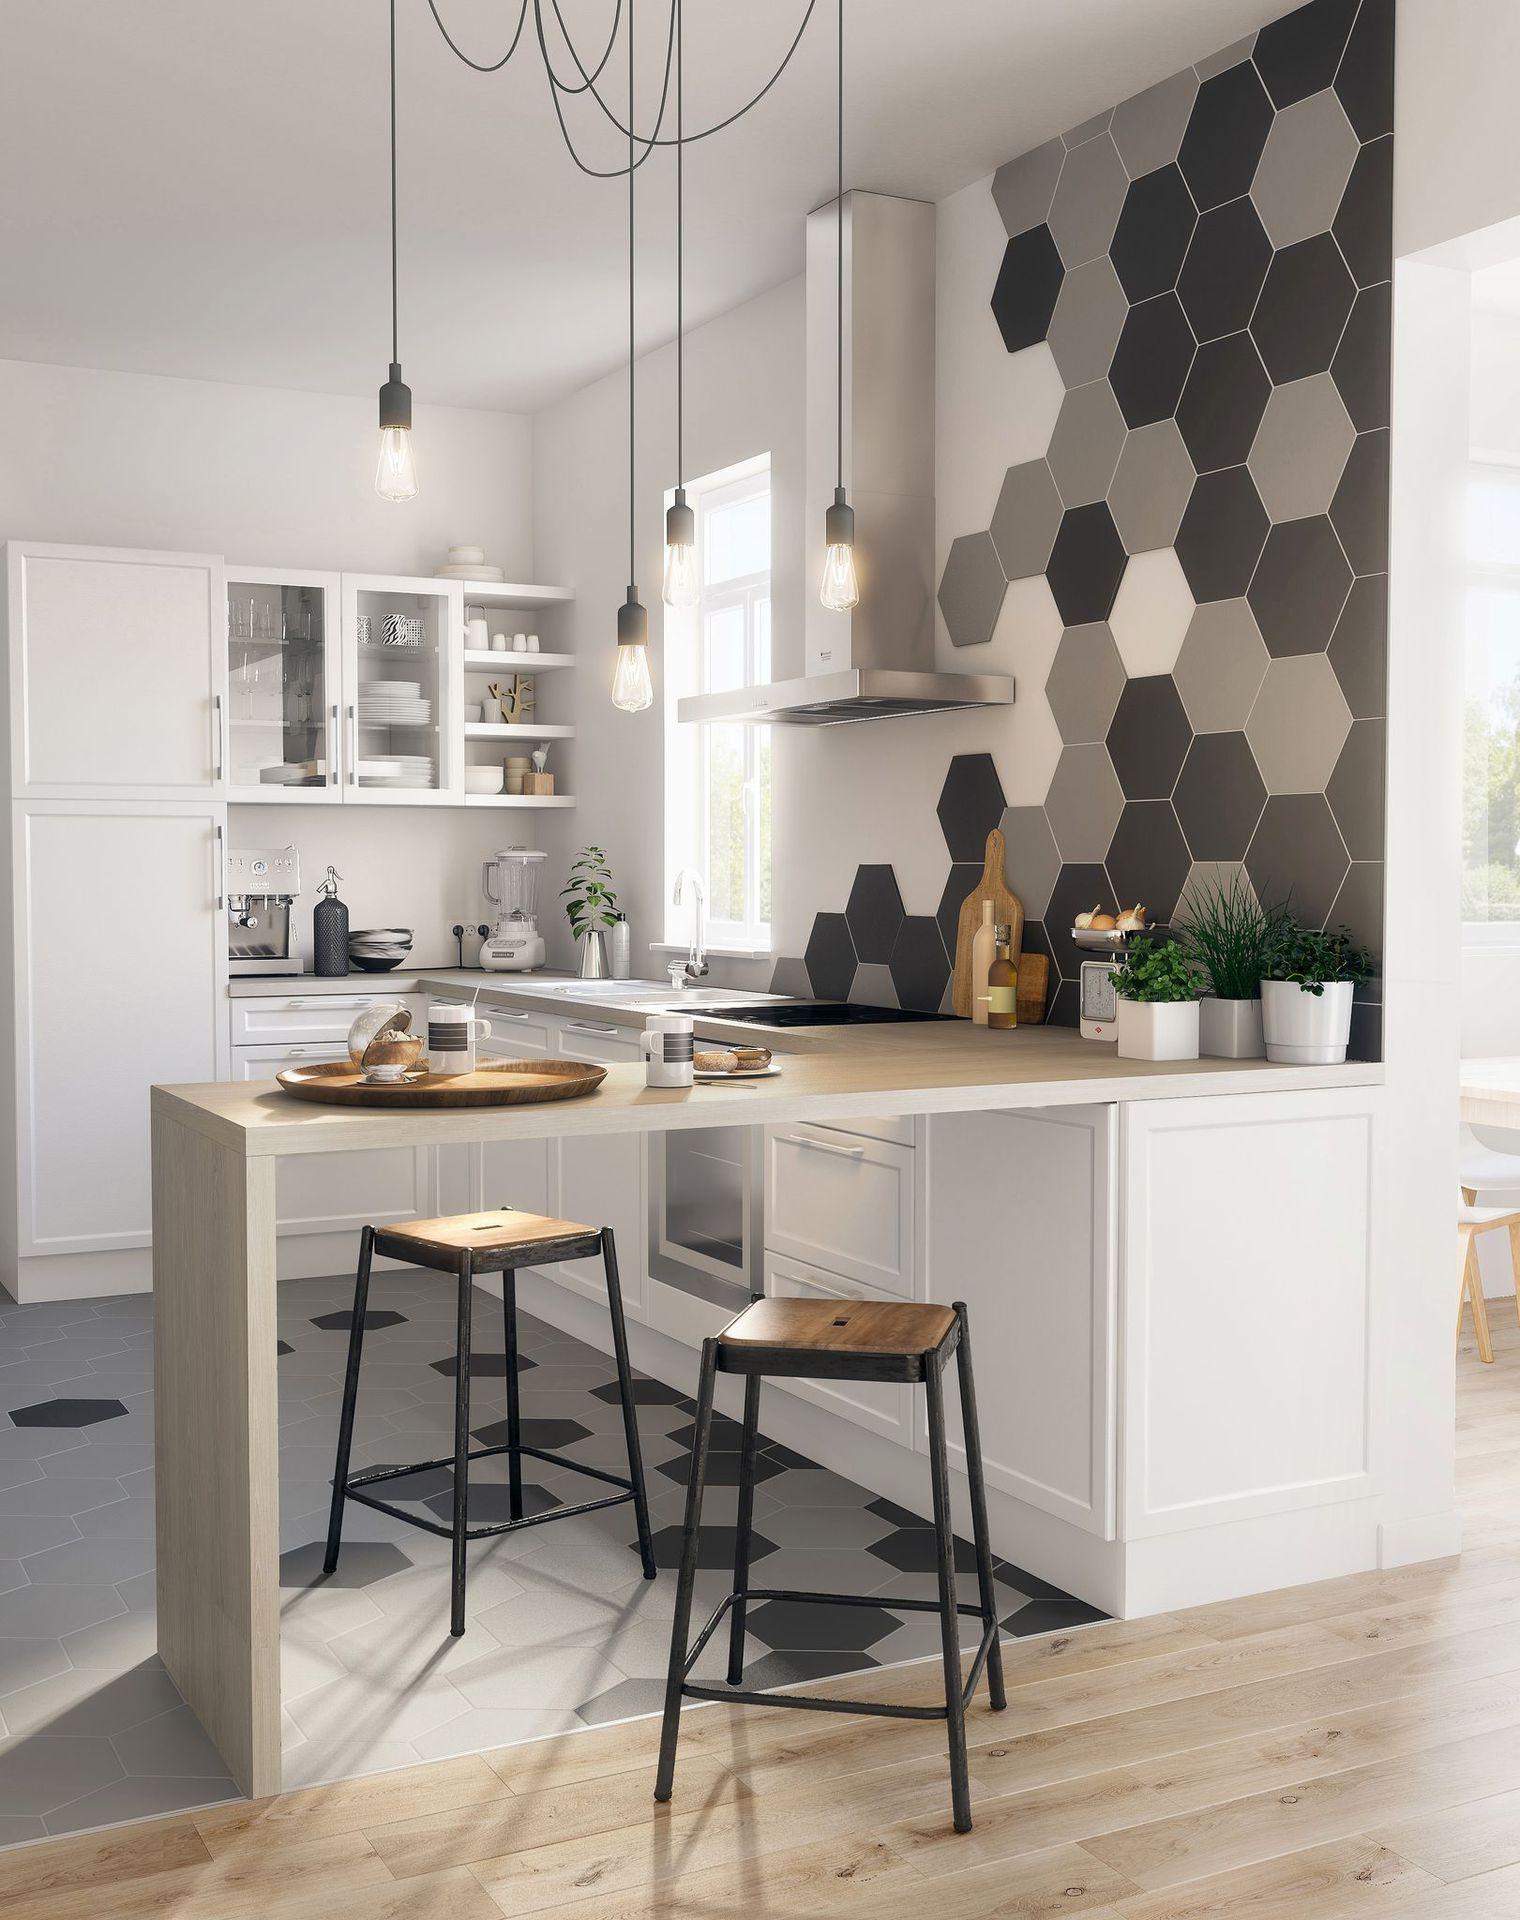 Sol Cuisine Quel Revêtement Choisir Mètre Carré Gres Cerame - Cuisiniere 90 cm pour idees de deco de cuisine